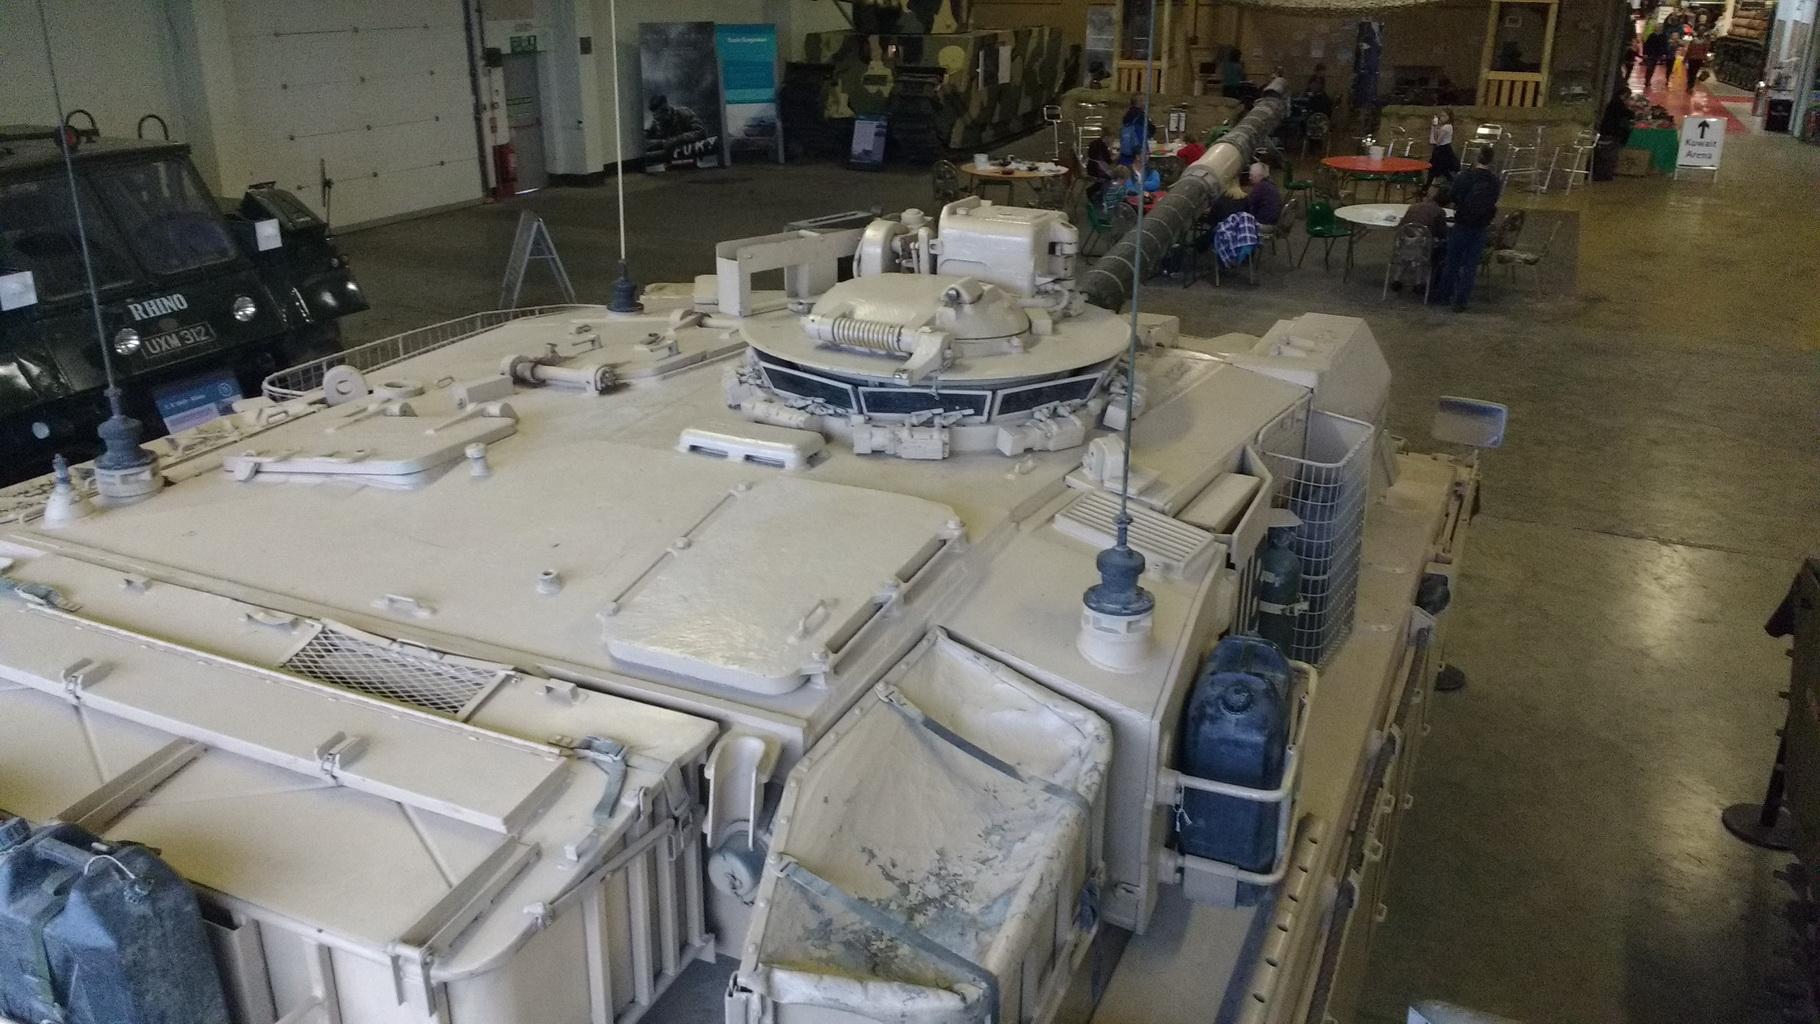 Tank_Museum_20151027_113.jpg